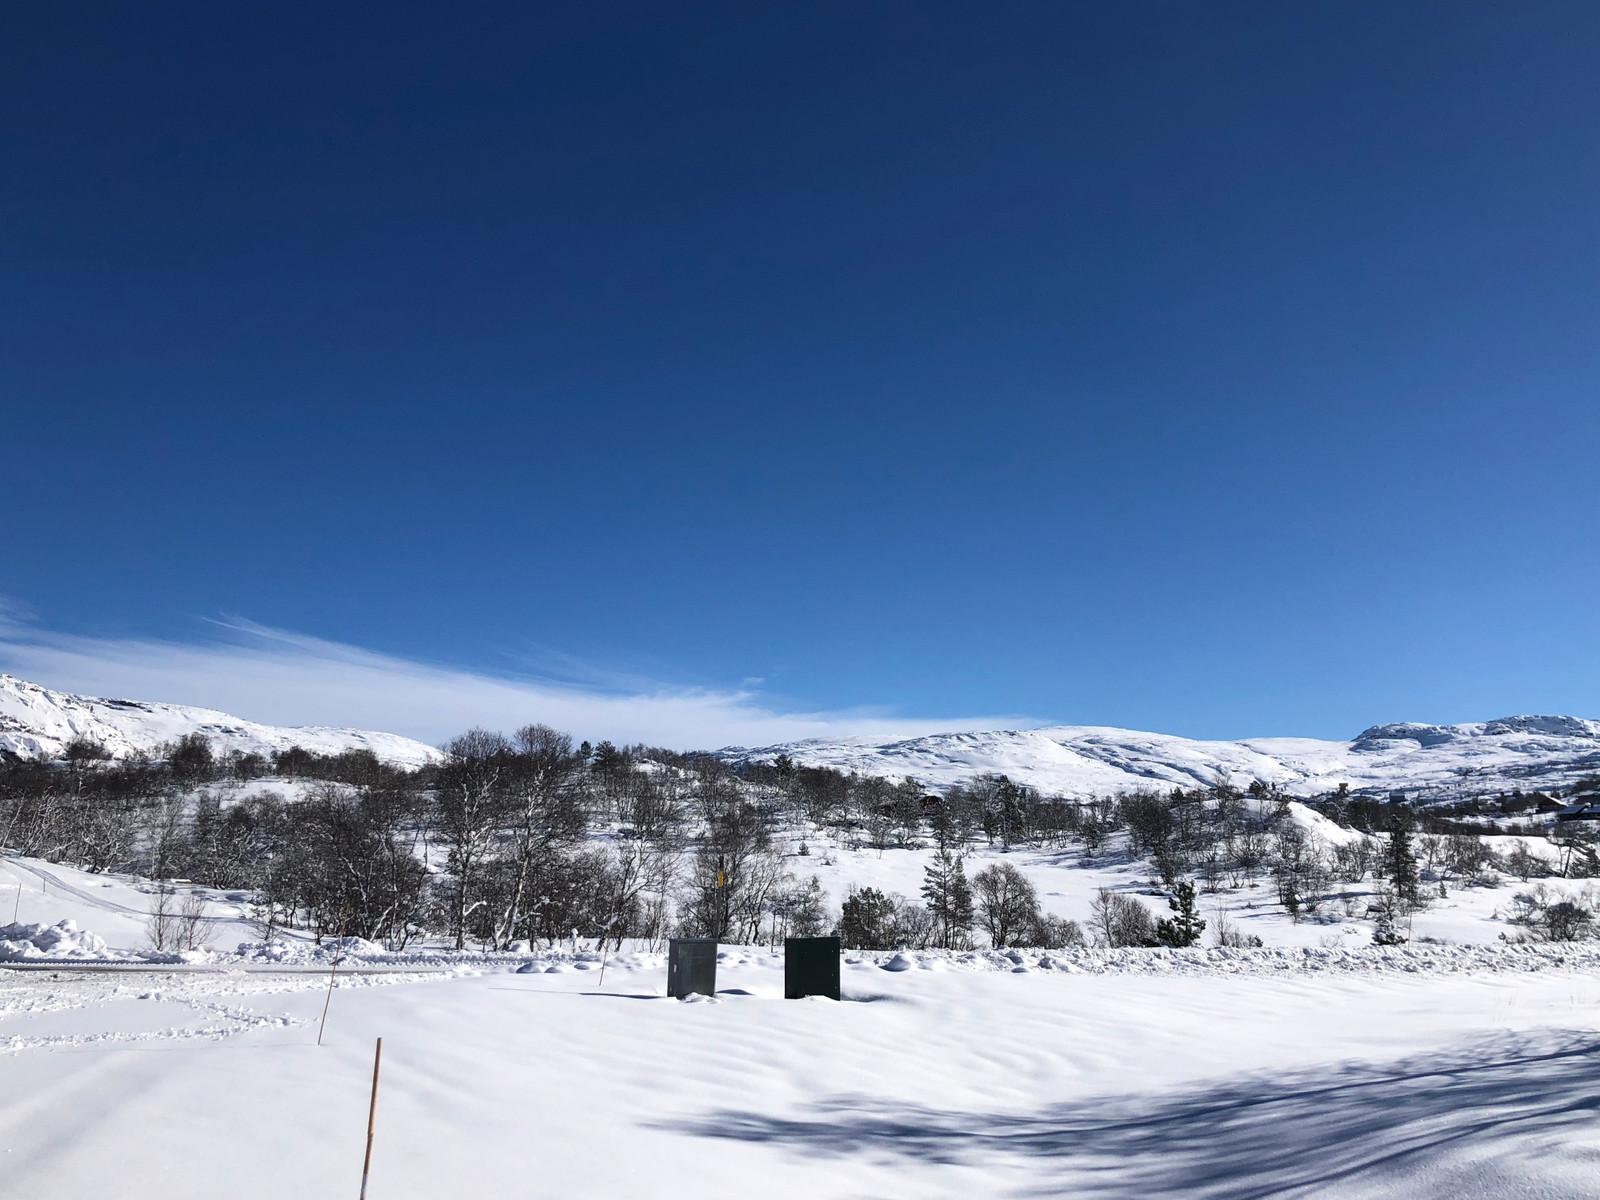 """Bilder fra Hattevarden Knaben, mot """"Gruvebyen"""" og fjellene rundt Knaben. Virkelig en perle på høyfjellet."""